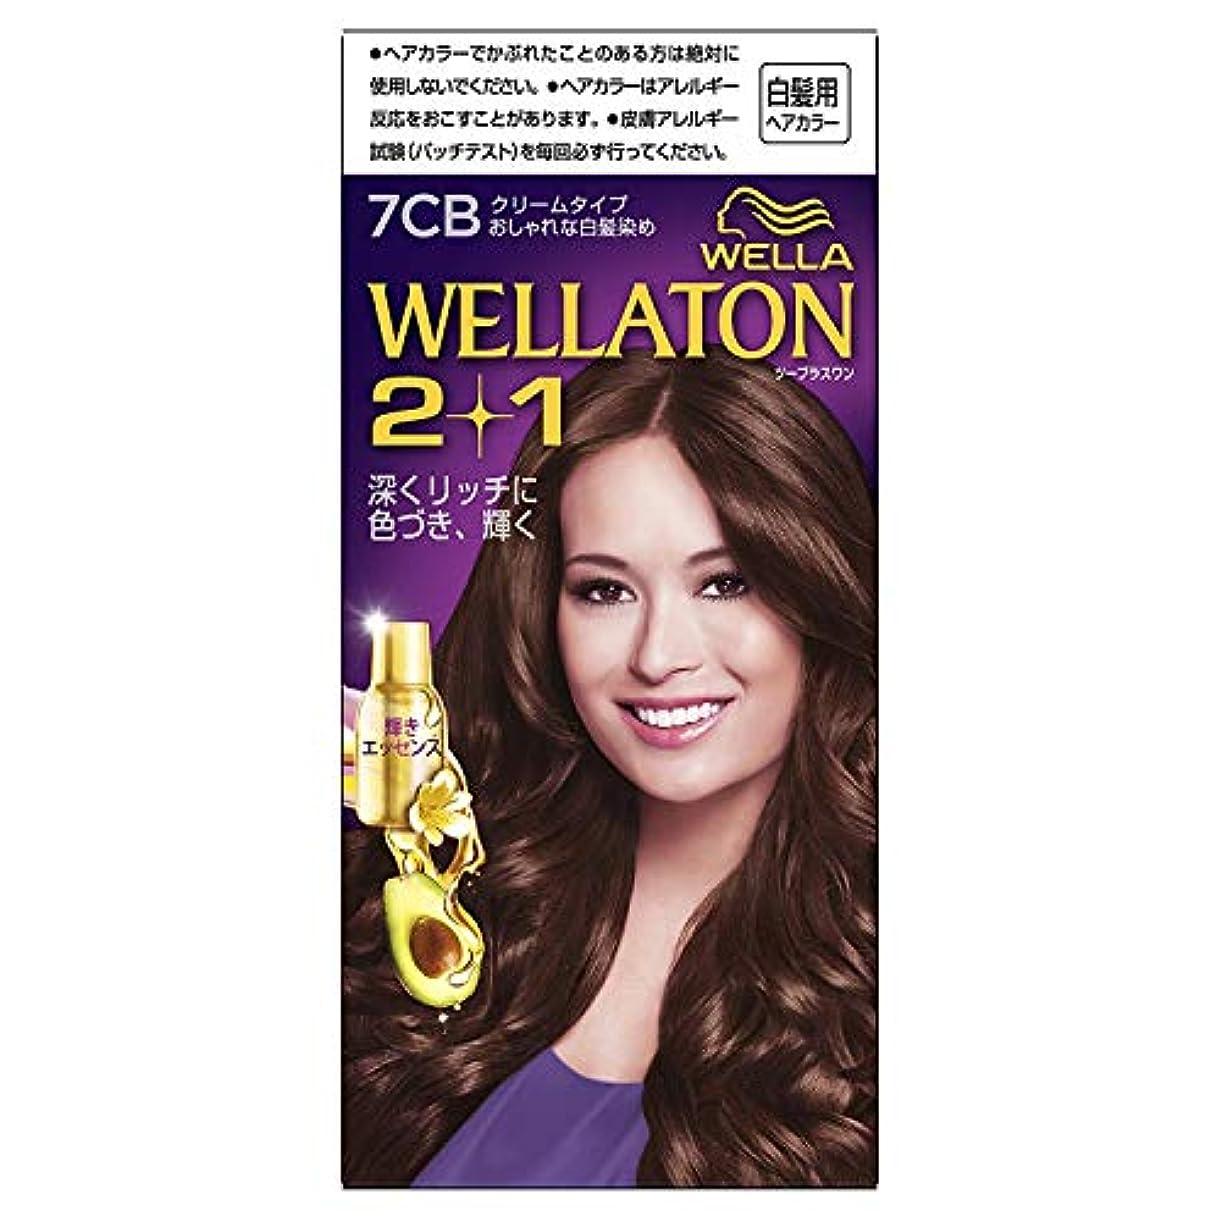 有名人測る生き返らせるウエラトーン2+1 白髪染め クリームタイプ 7CB [医薬部外品]×3個